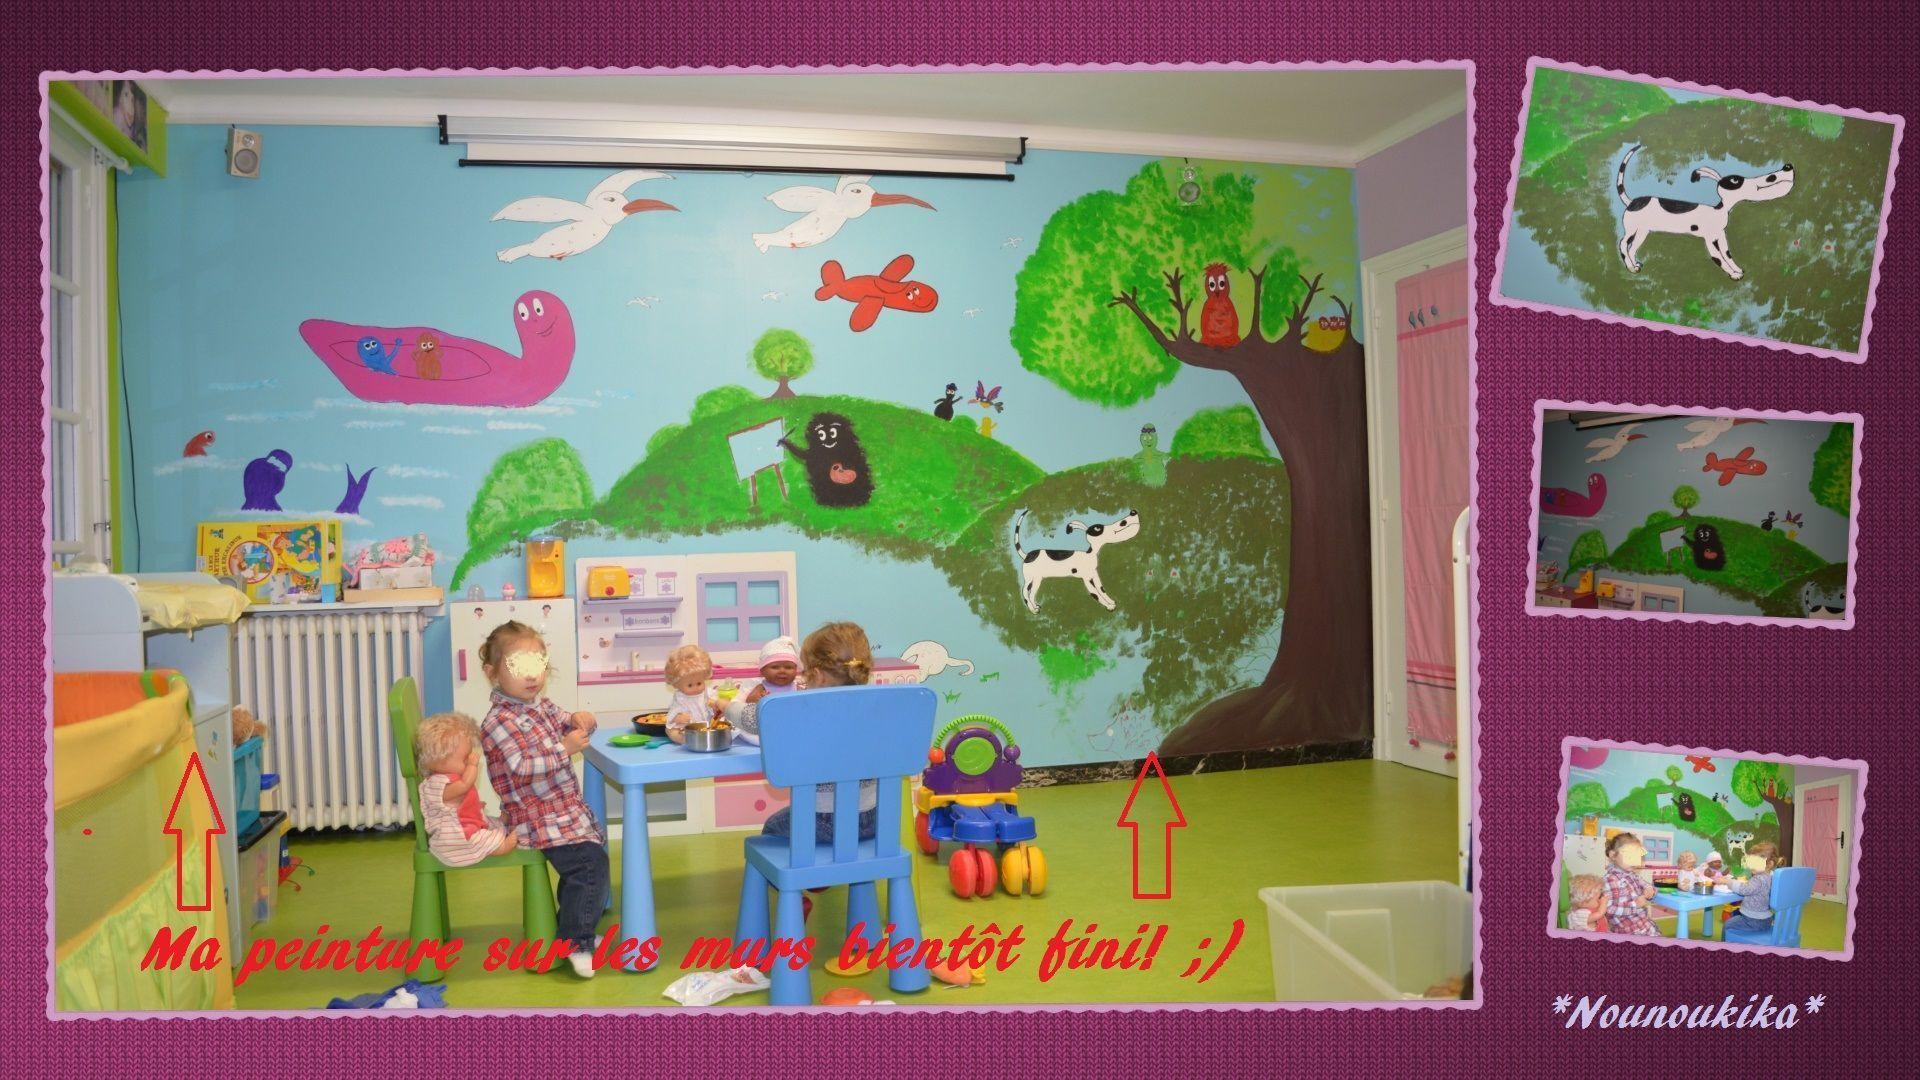 Peinture de la salle de jeux bientot fini for Peinture boiro jeu deffet